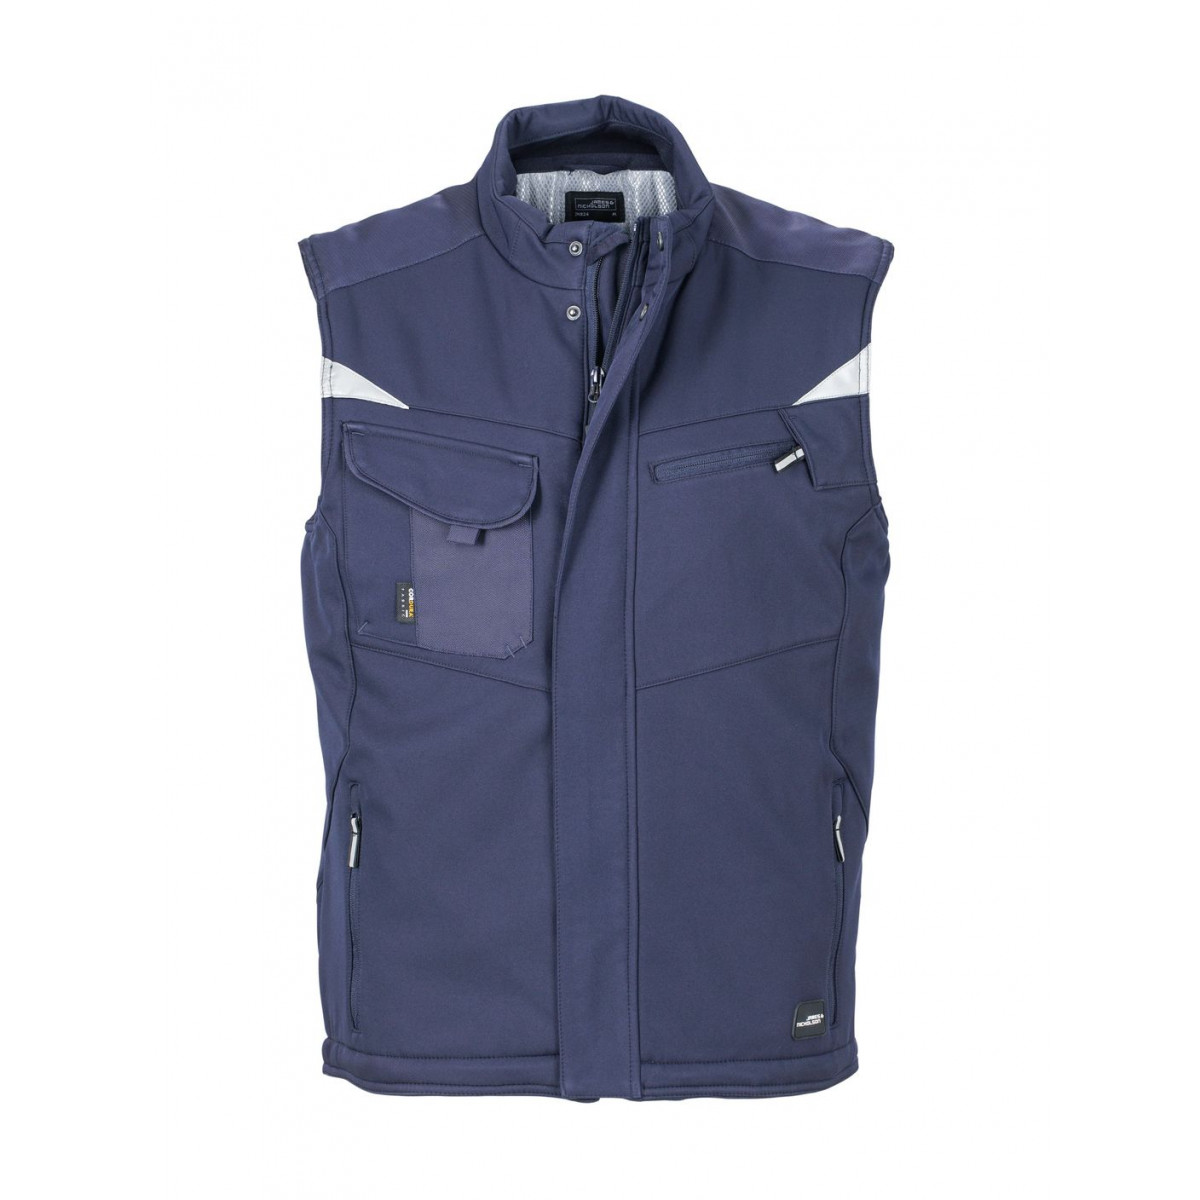 Жилет мужской JN825 Craftsmen Softshell Vest - Темно-синий/Темно-синий